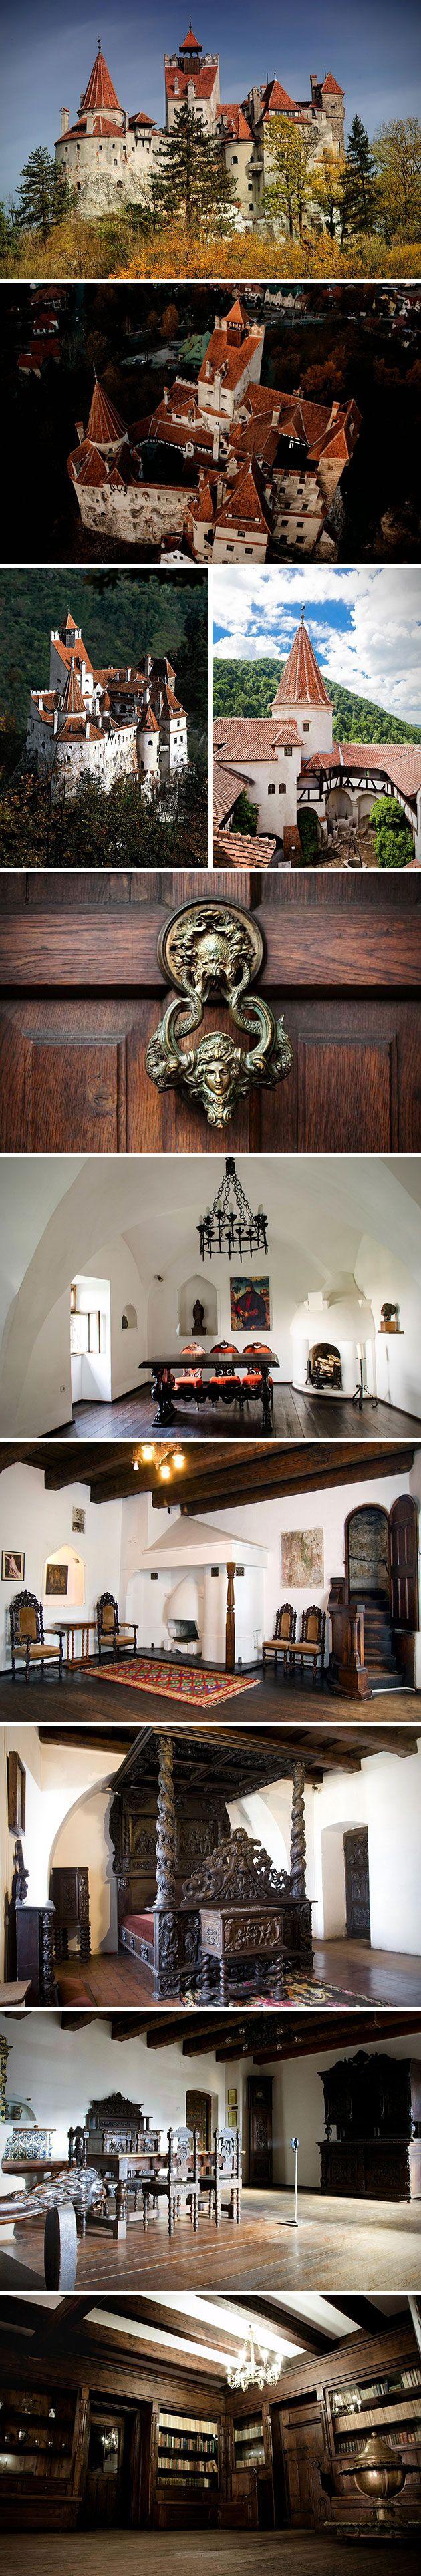 Mirada rara dentro del castillo de Bran, el castillo real de Dracula en Transilvania, Rumania.